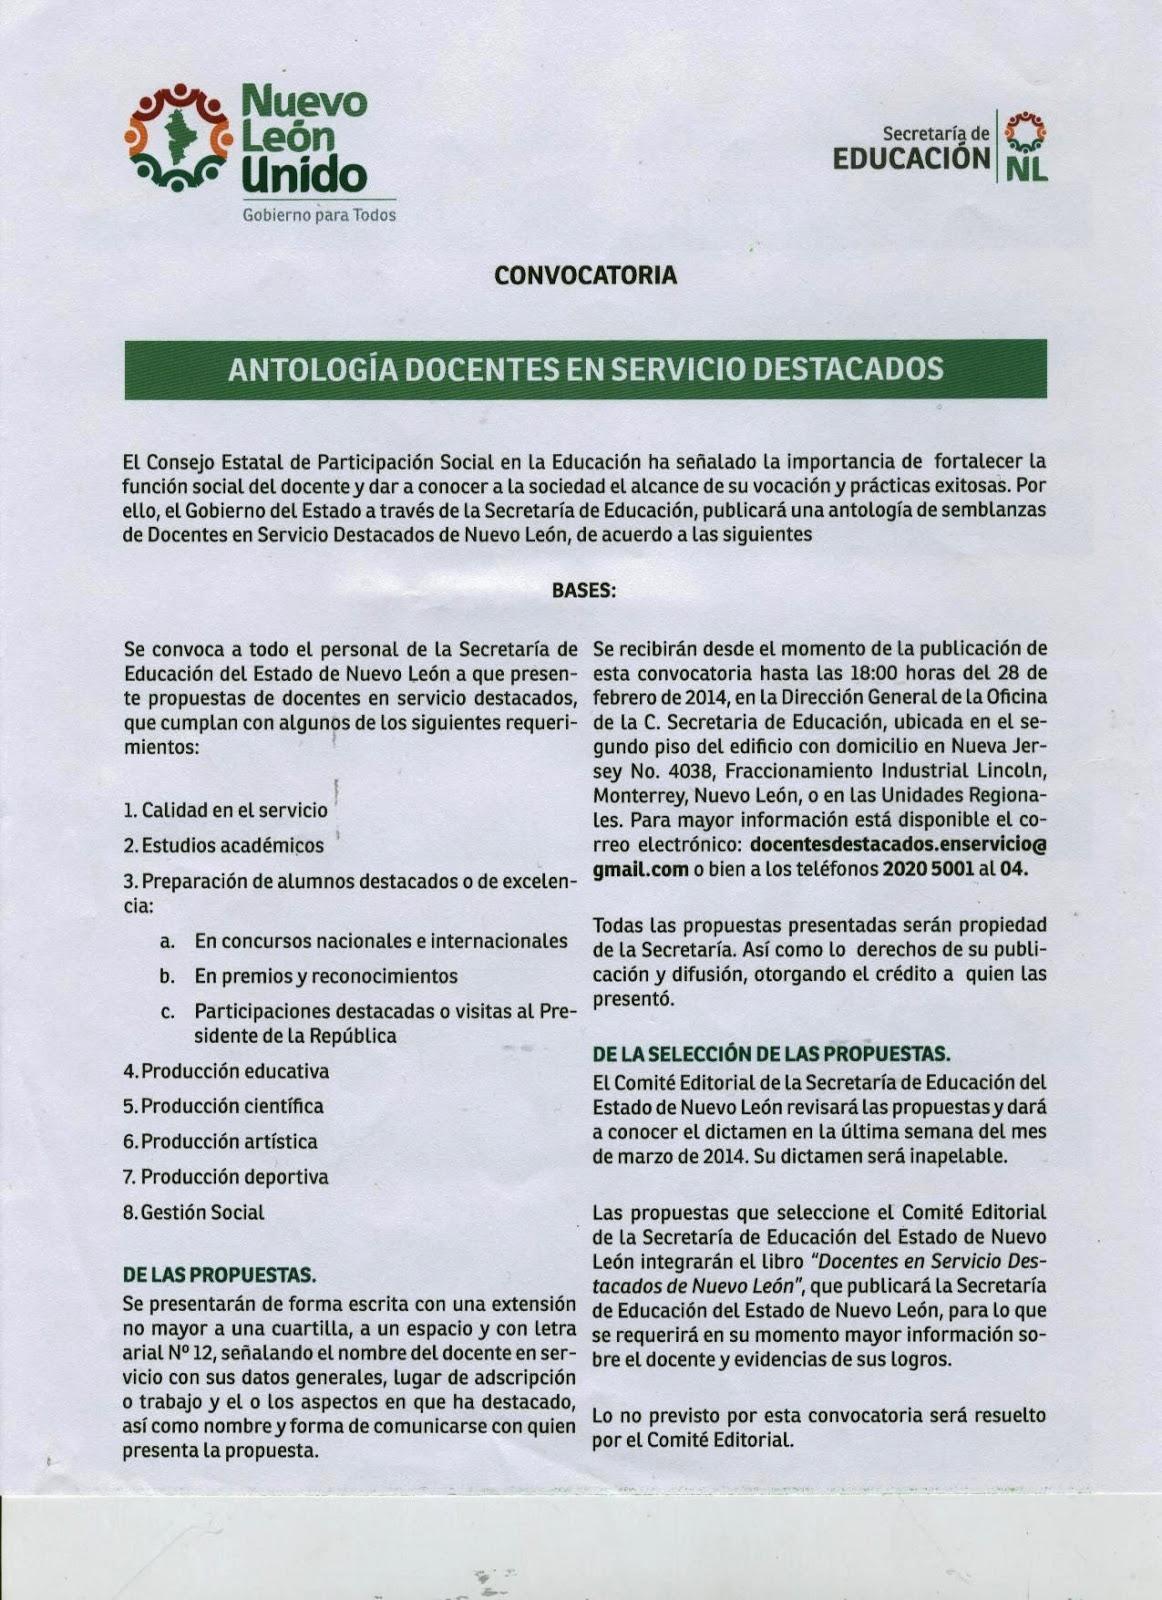 Centro de maestros 1908 montemorelos nuevo le n for Convocatoria de maestros